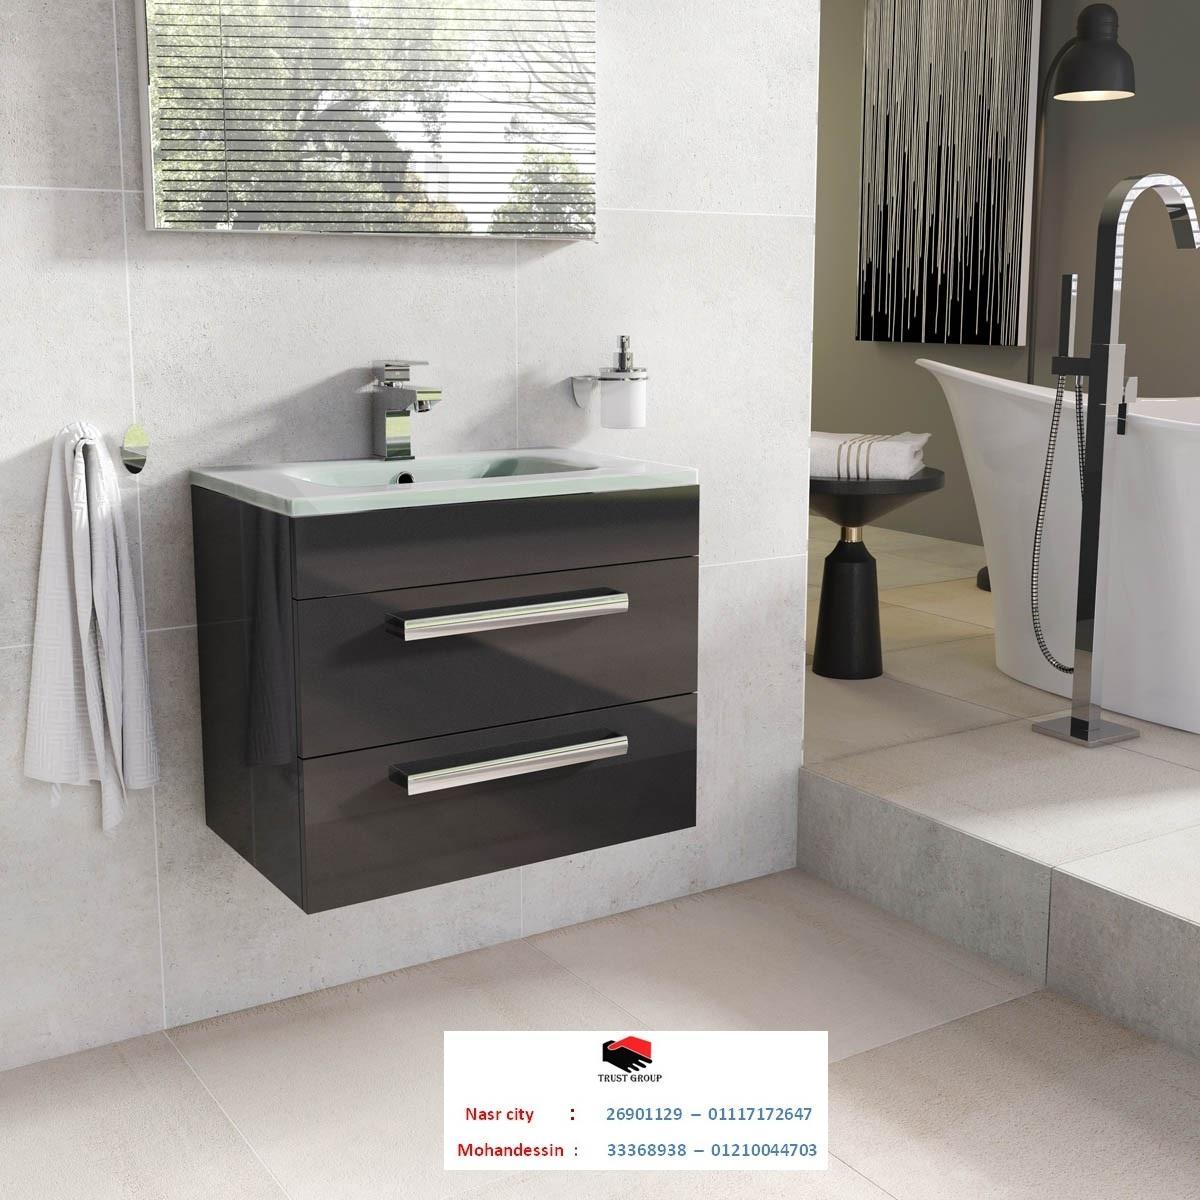 وحدات الحمام  – اسعار مميزة   01210044703 885591688